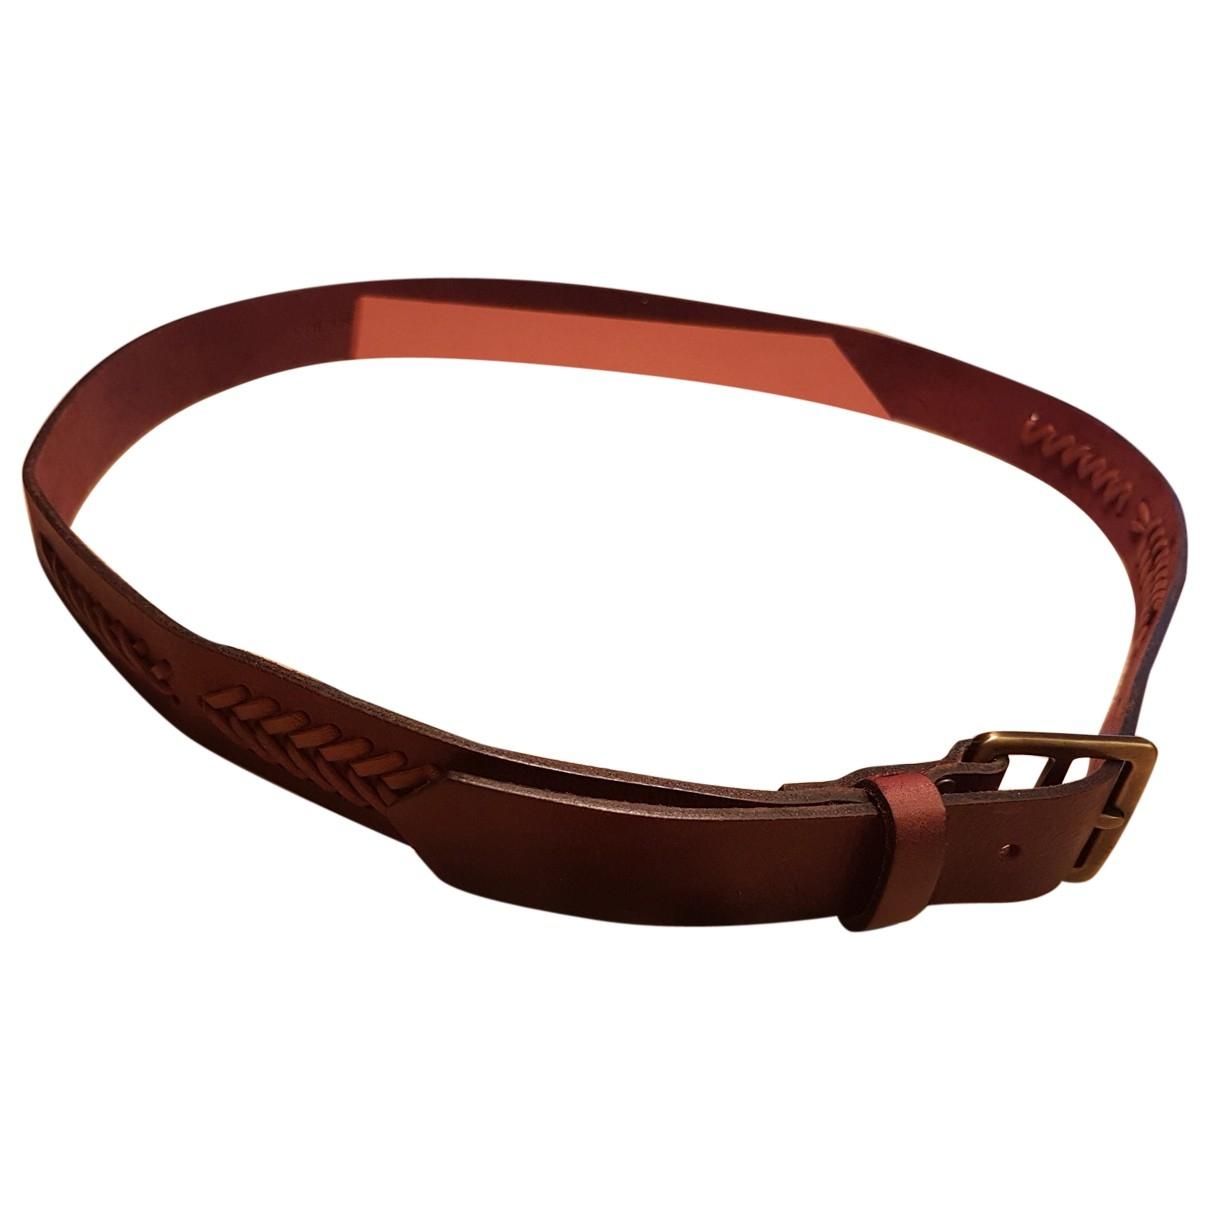 Cinturon de Cuero Missoni